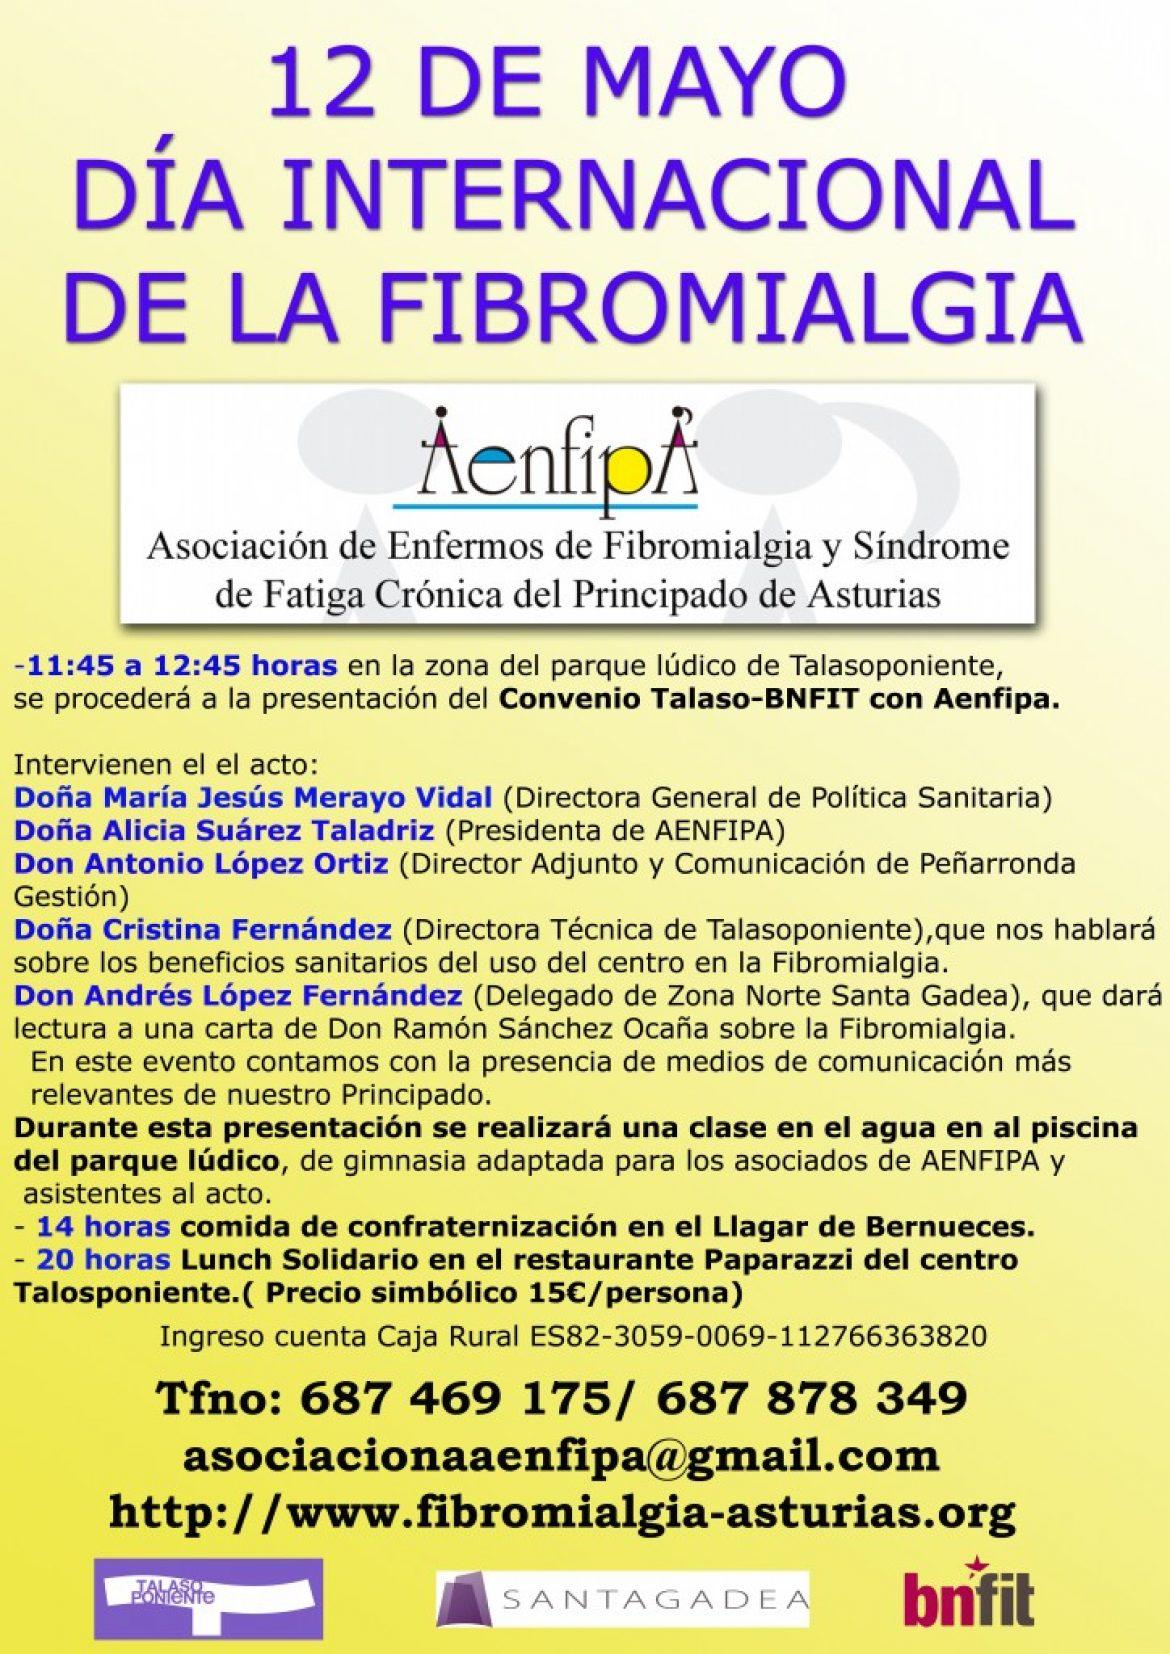 Sabéis a dónde va Asturias el 12 de Mayo? Ahora sí lo sabemos !!!